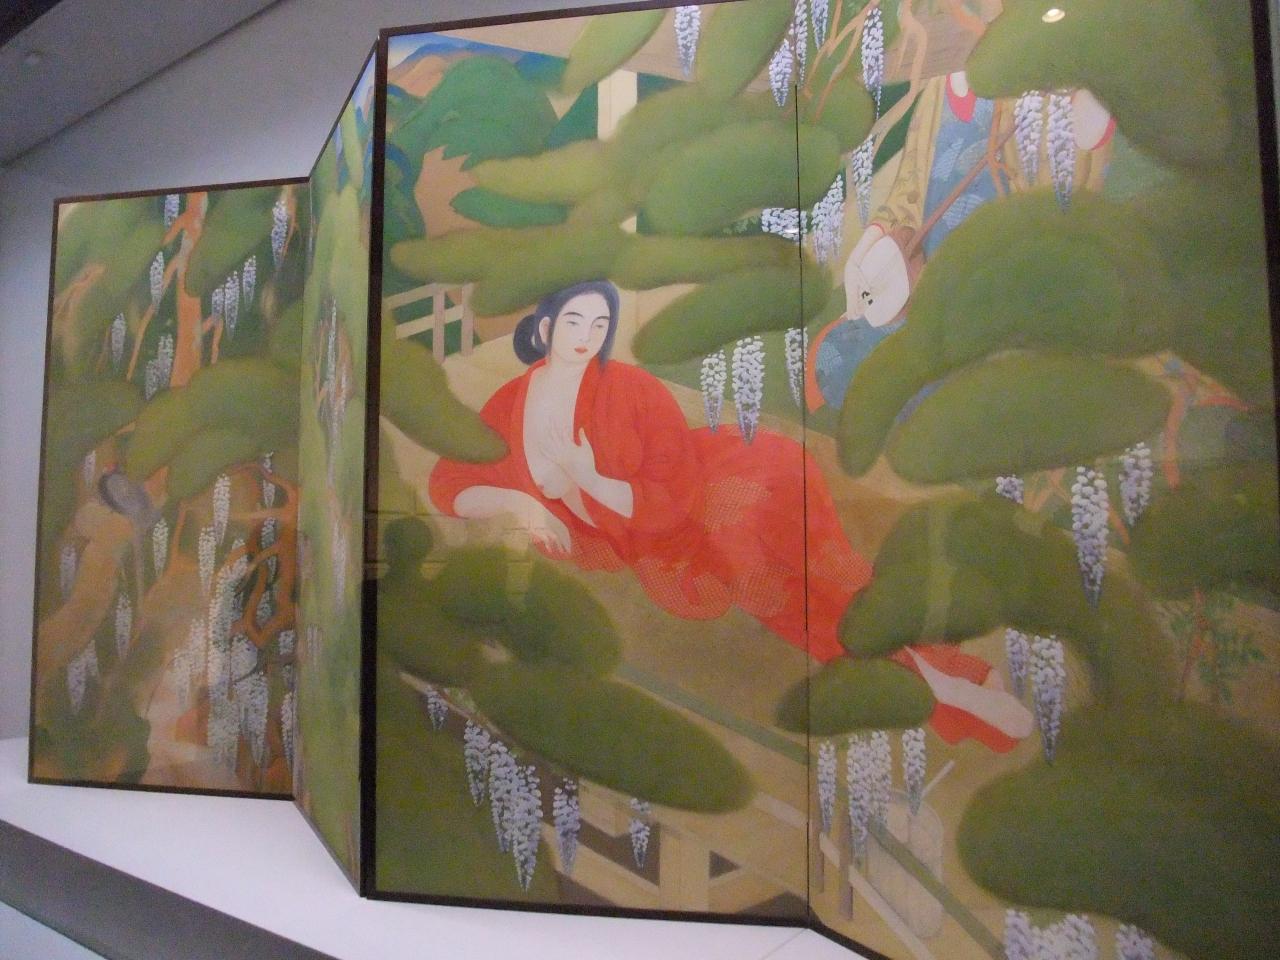 土田麦僊の画像 p1_12